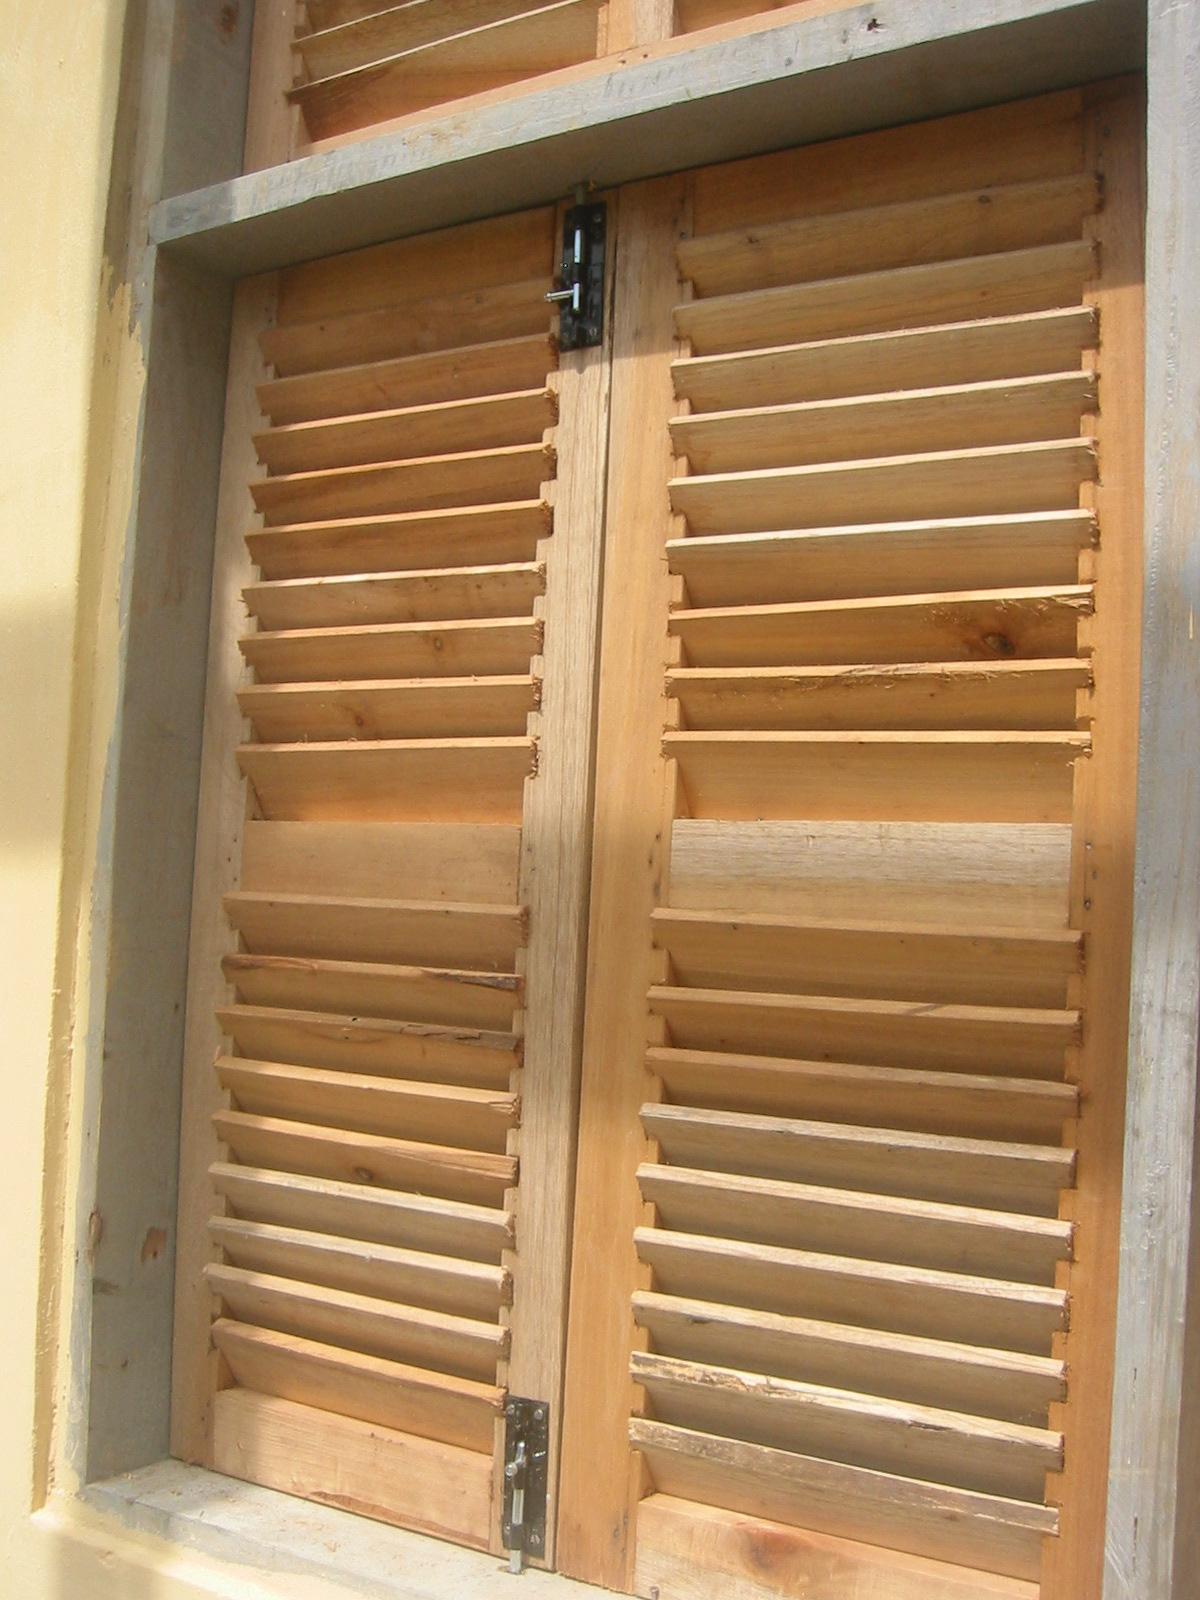 Asf en ghana 17 ventanas y puertas - Pestillos para puertas ...